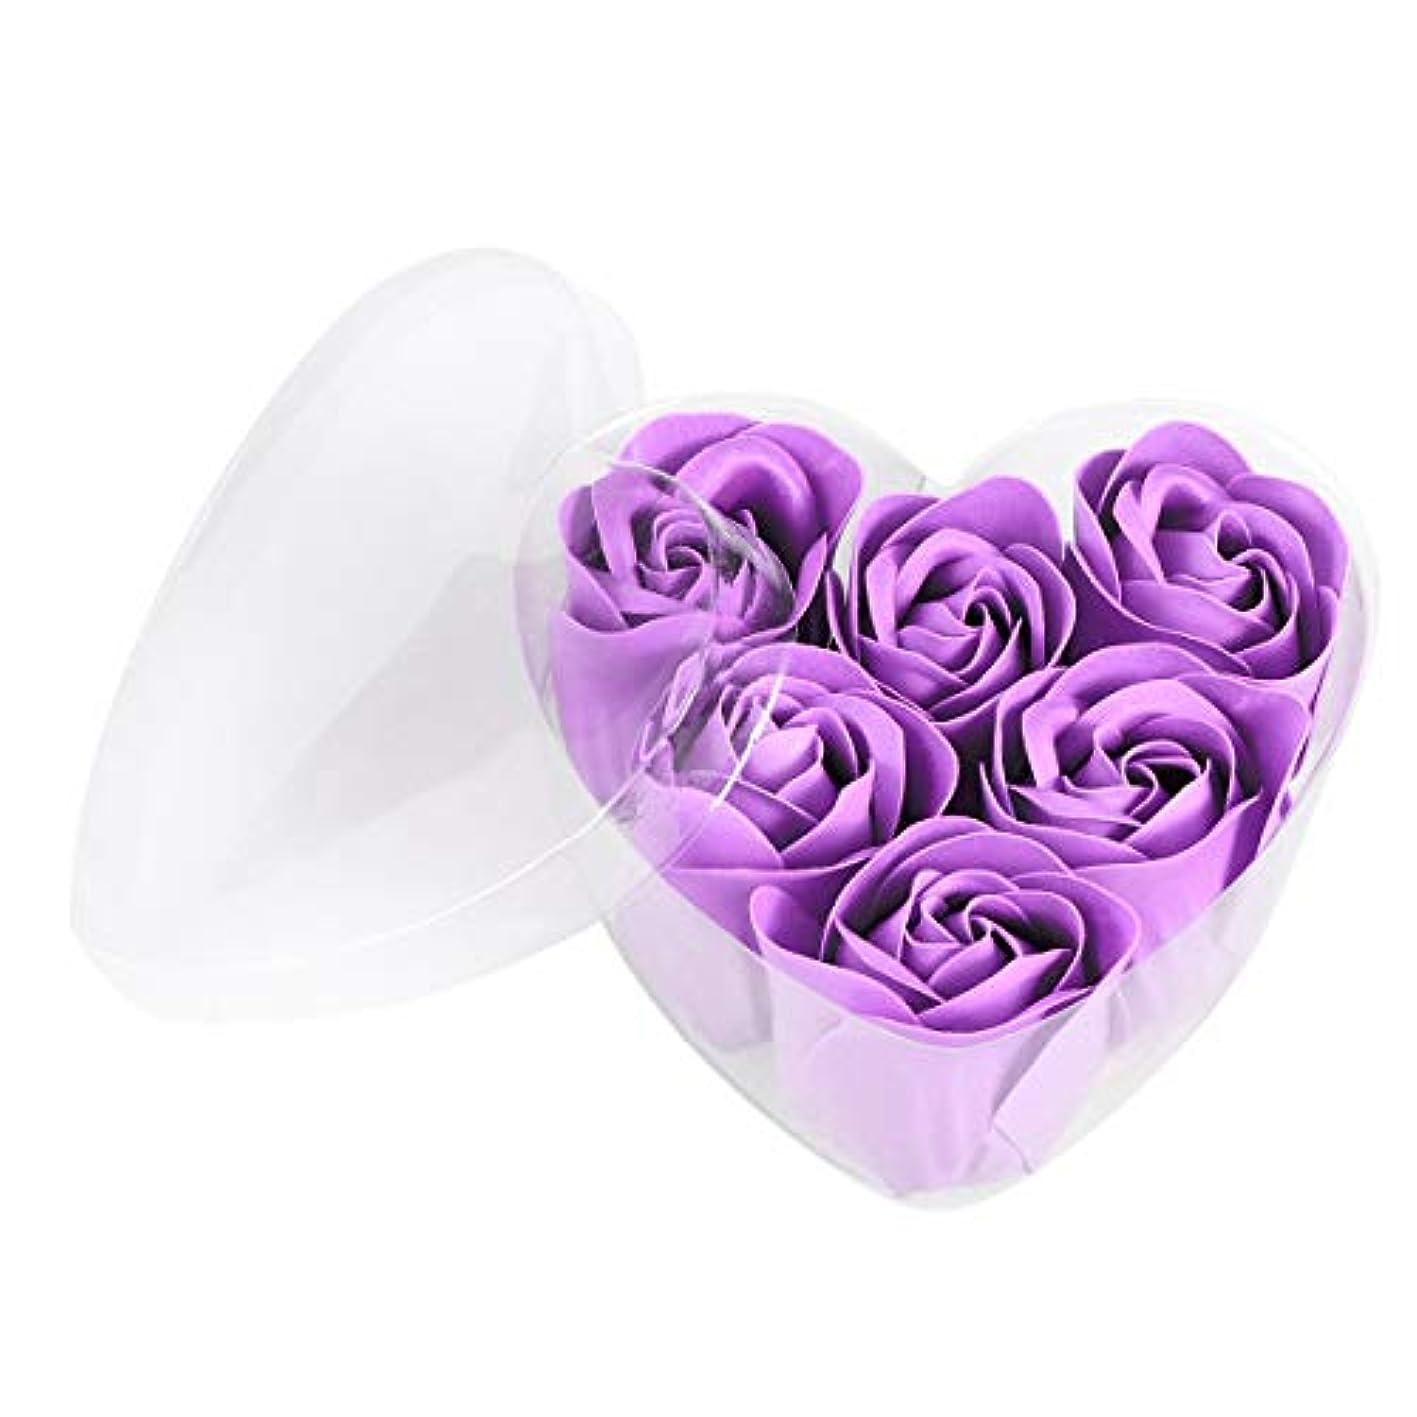 バクテリアそのような服を洗うBeaupretty 6本シミュレーションローズソープハート型フラワーソープギフトボックス結婚式の誕生日Valentin's Day(紫)